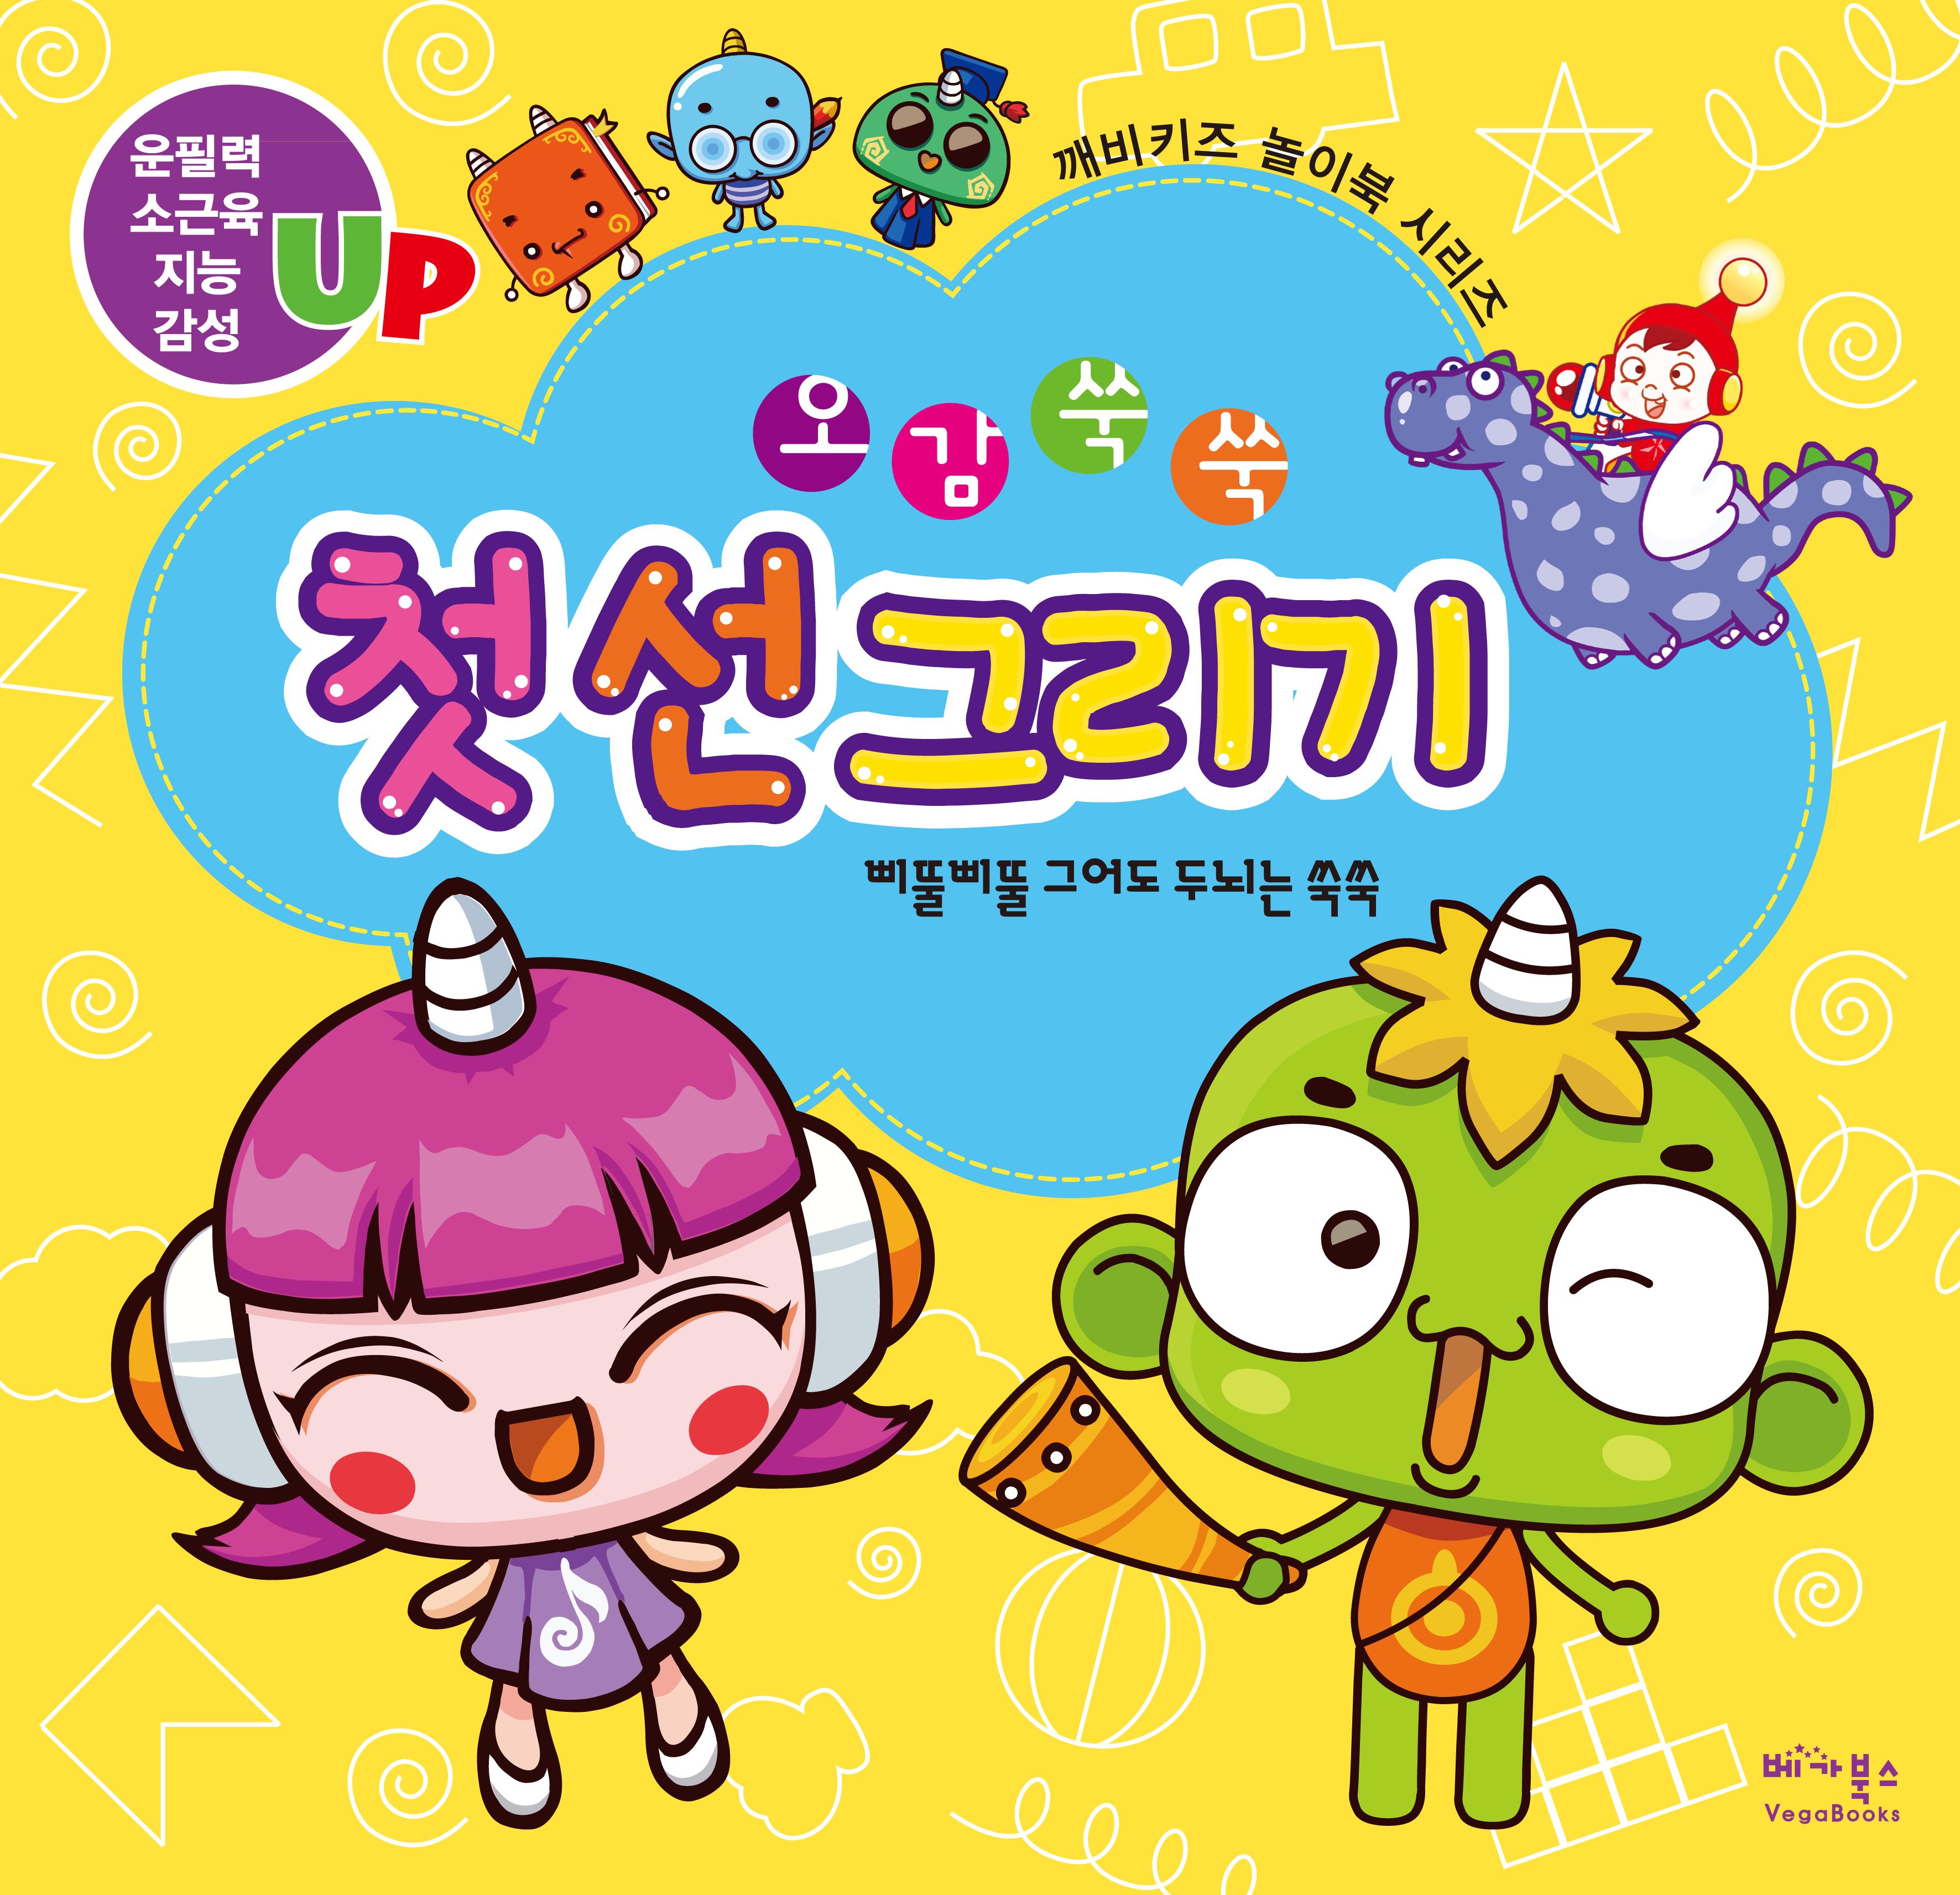 오감쑥쑥 첫 선 그리기_앞표지.png